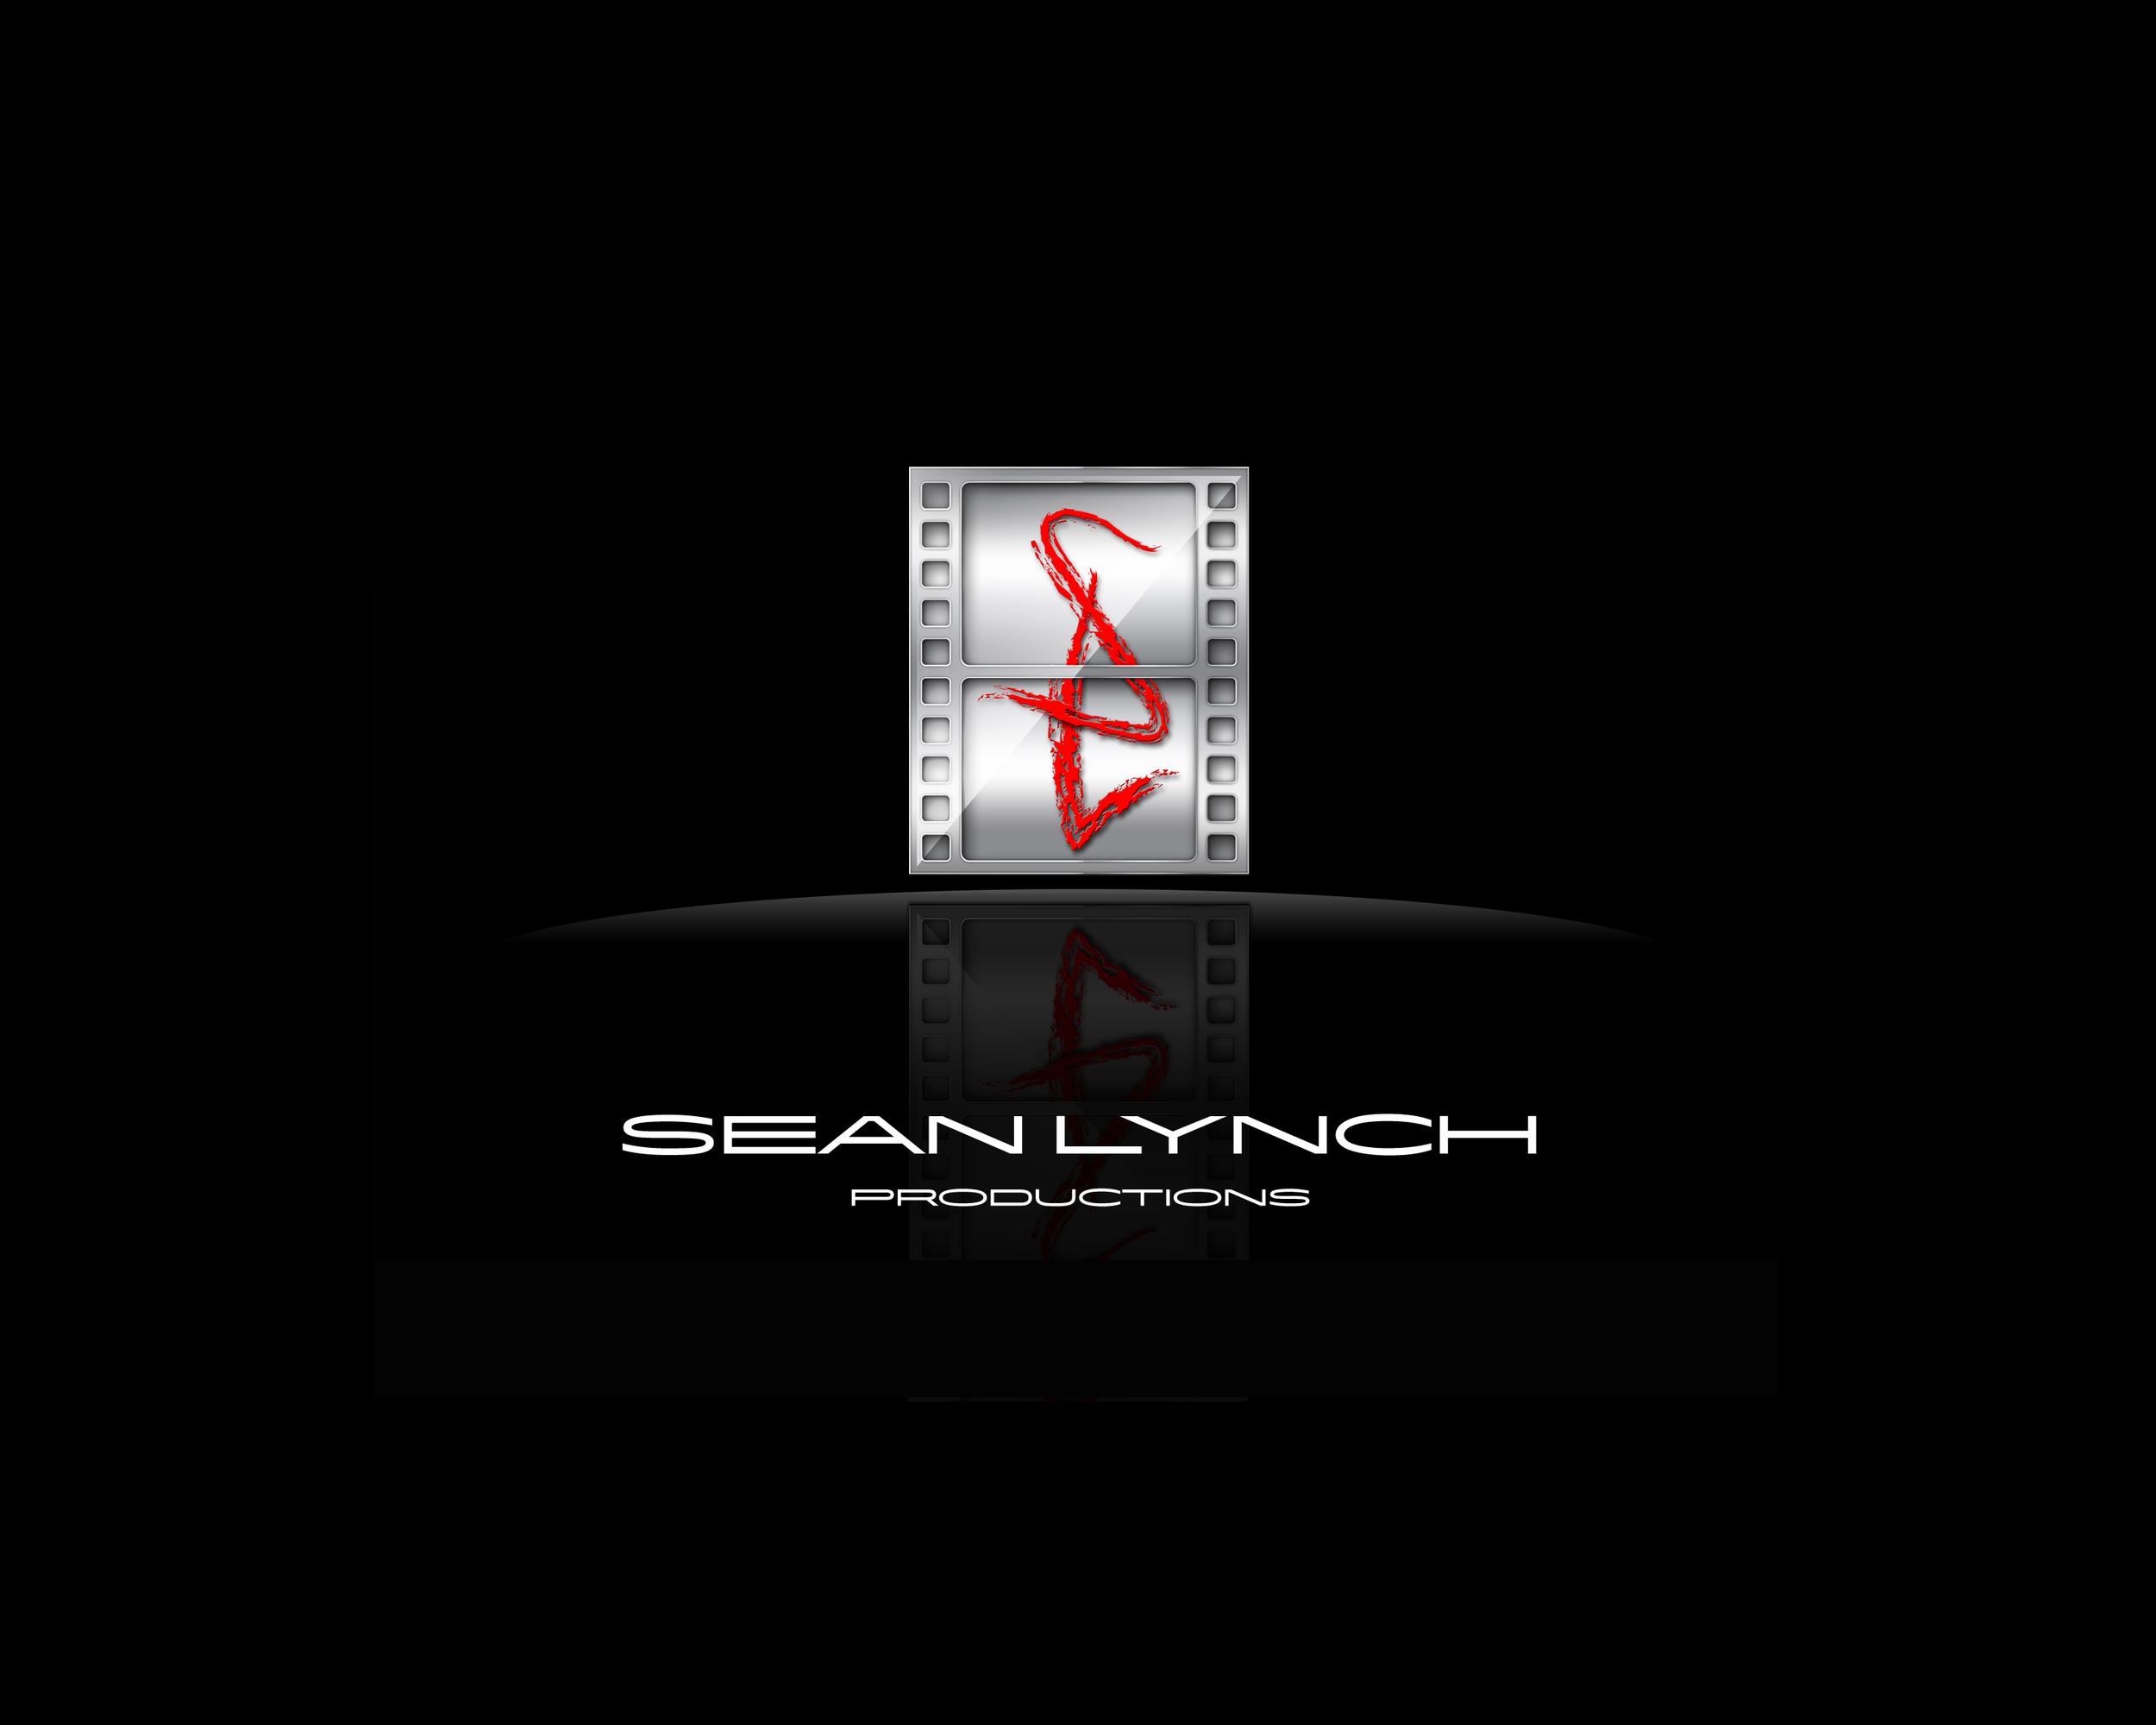 Sean Lynch v4 [centered mod for web 01 18 15] Website Graham Hnedak Brand G Creative Web Design Graphic Design Branding Marketing 23 FEB 2014.jpg